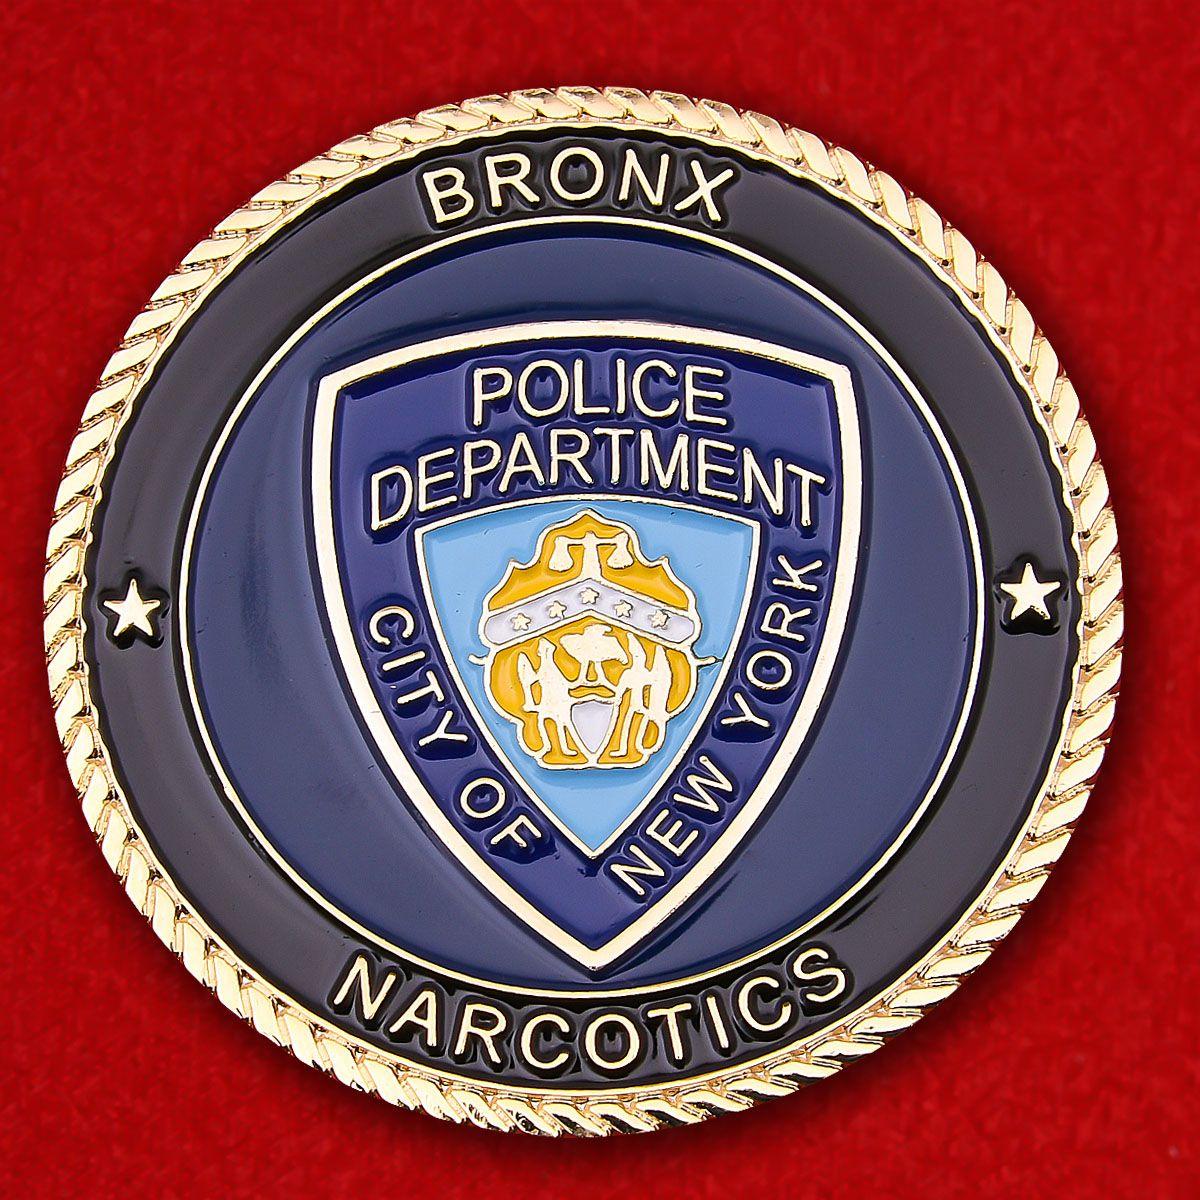 Челлендж коин Отдела по борьбе с наркотиками Бронкса Департамена полиции Нью-Йорка